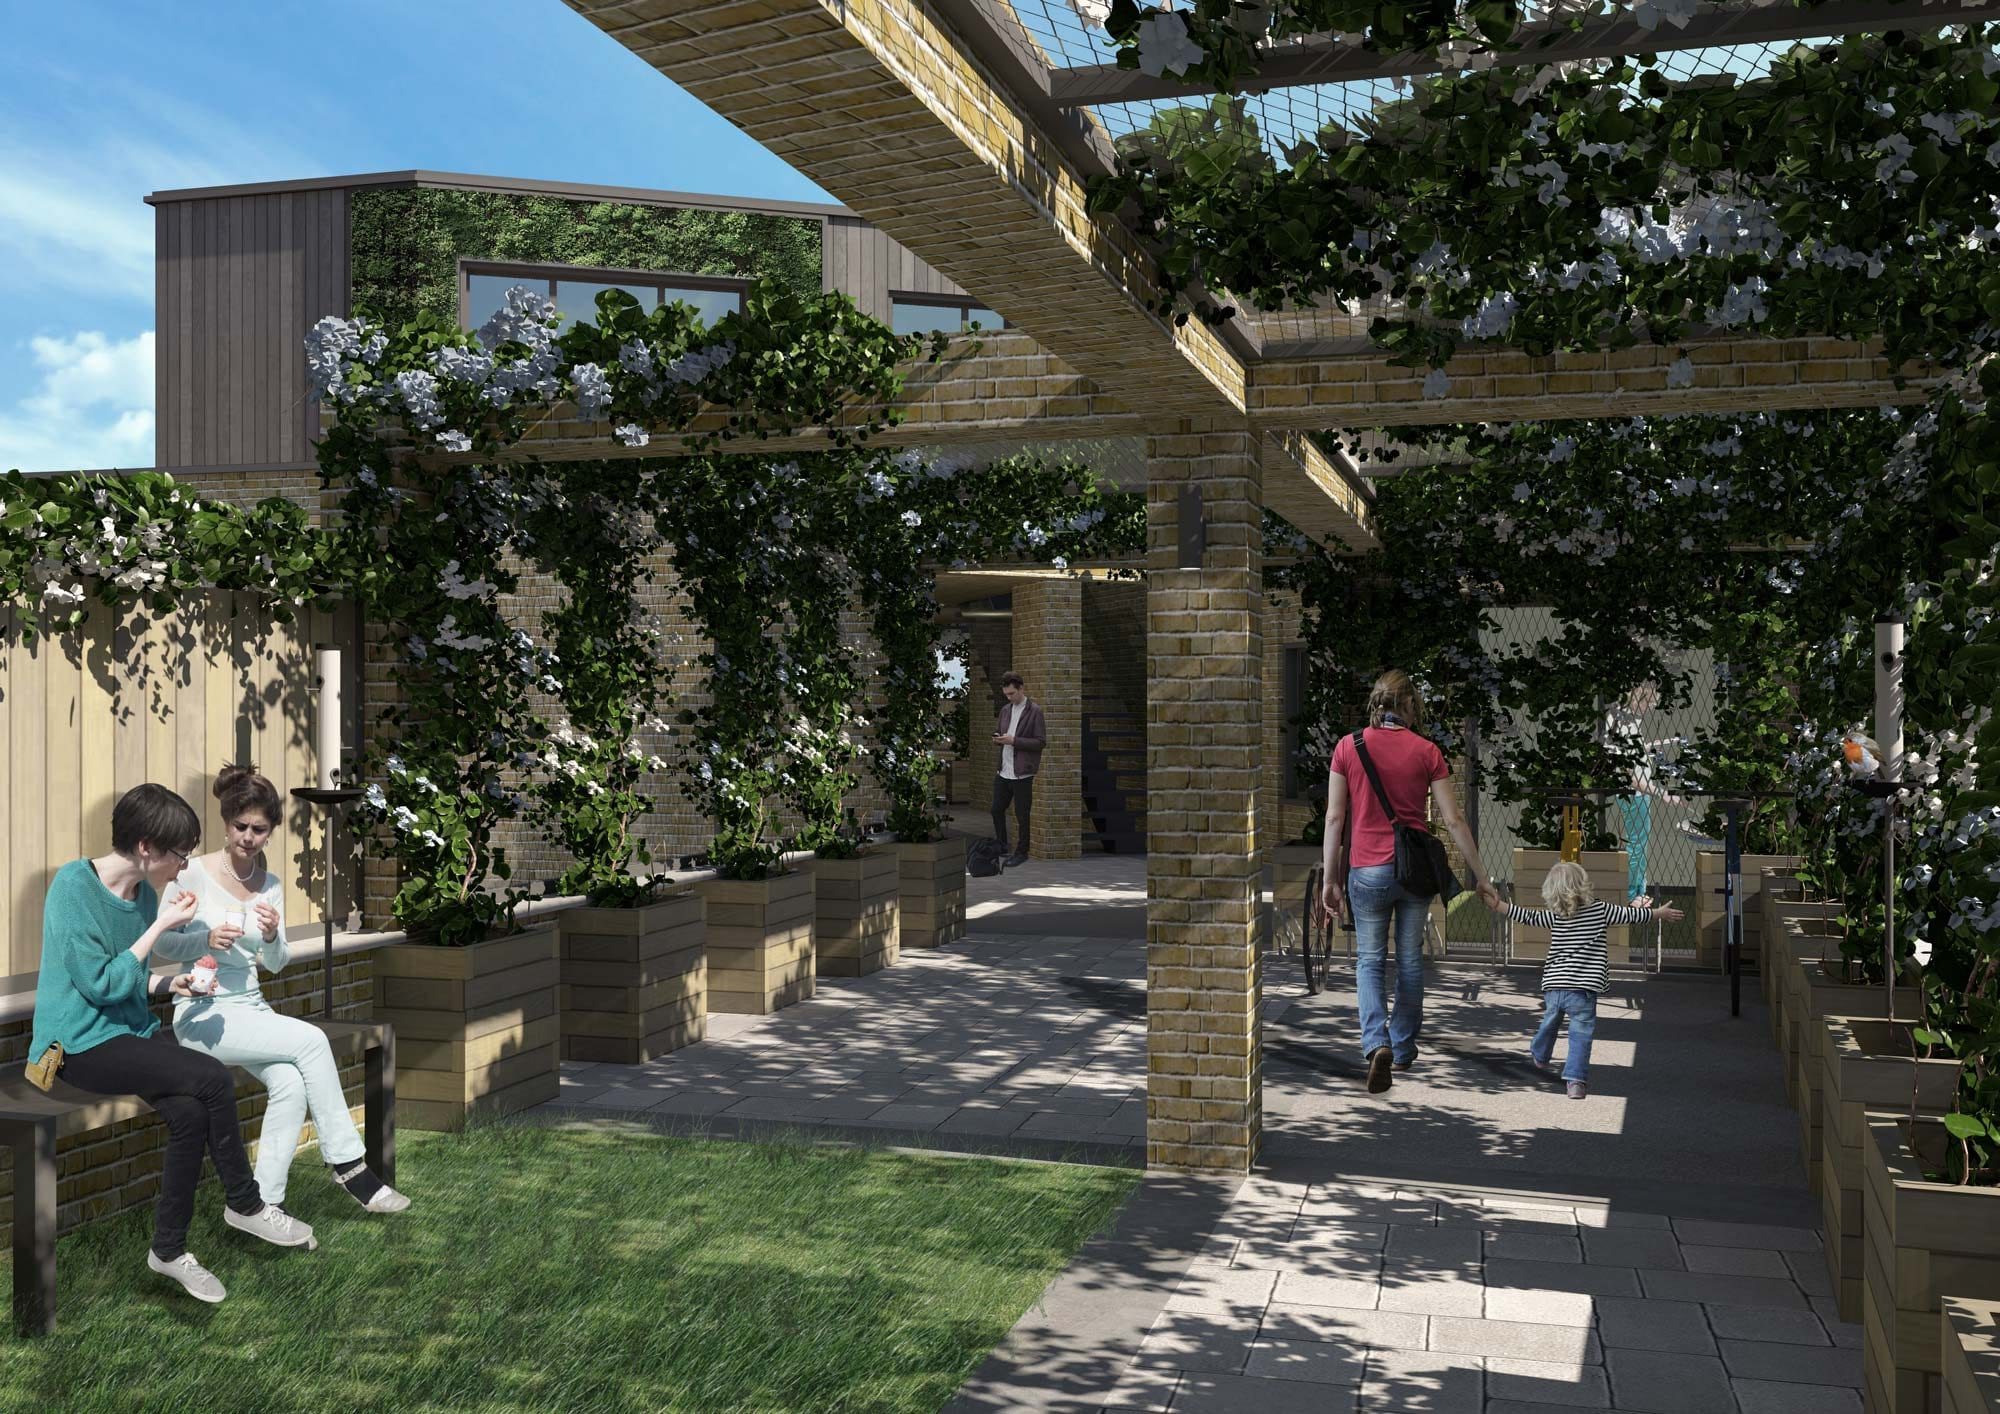 holmesdale-CGI-2---Courtyard-Render